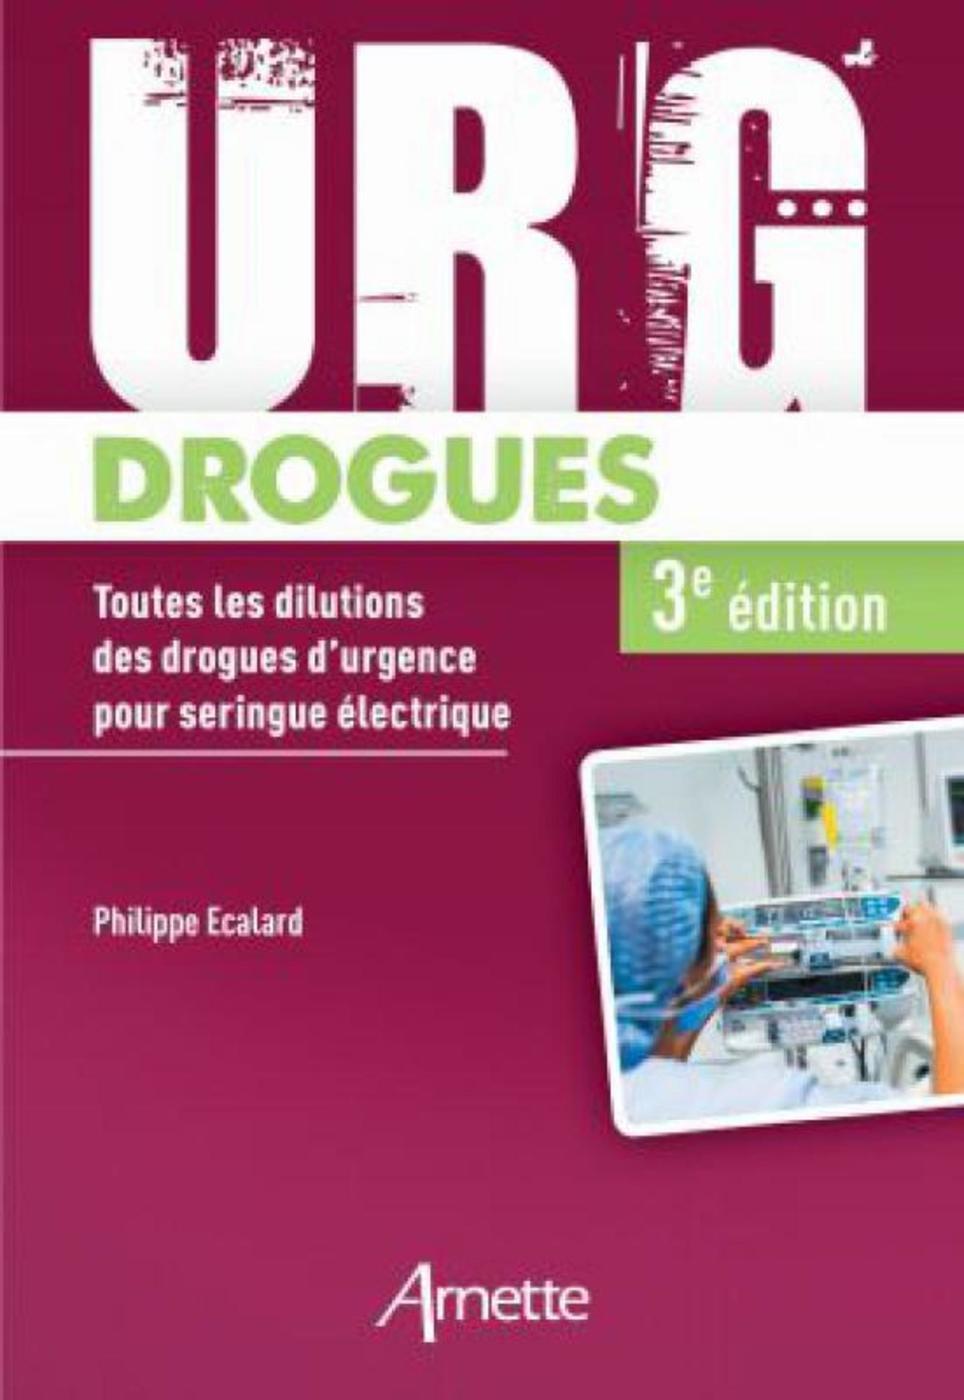 URG' DROGUES - TOUTES LES DILUTIONS DES DROGUES D'URGENCE POUR SERINGUE ELECTRIQUE. MEDECINS & IDE.